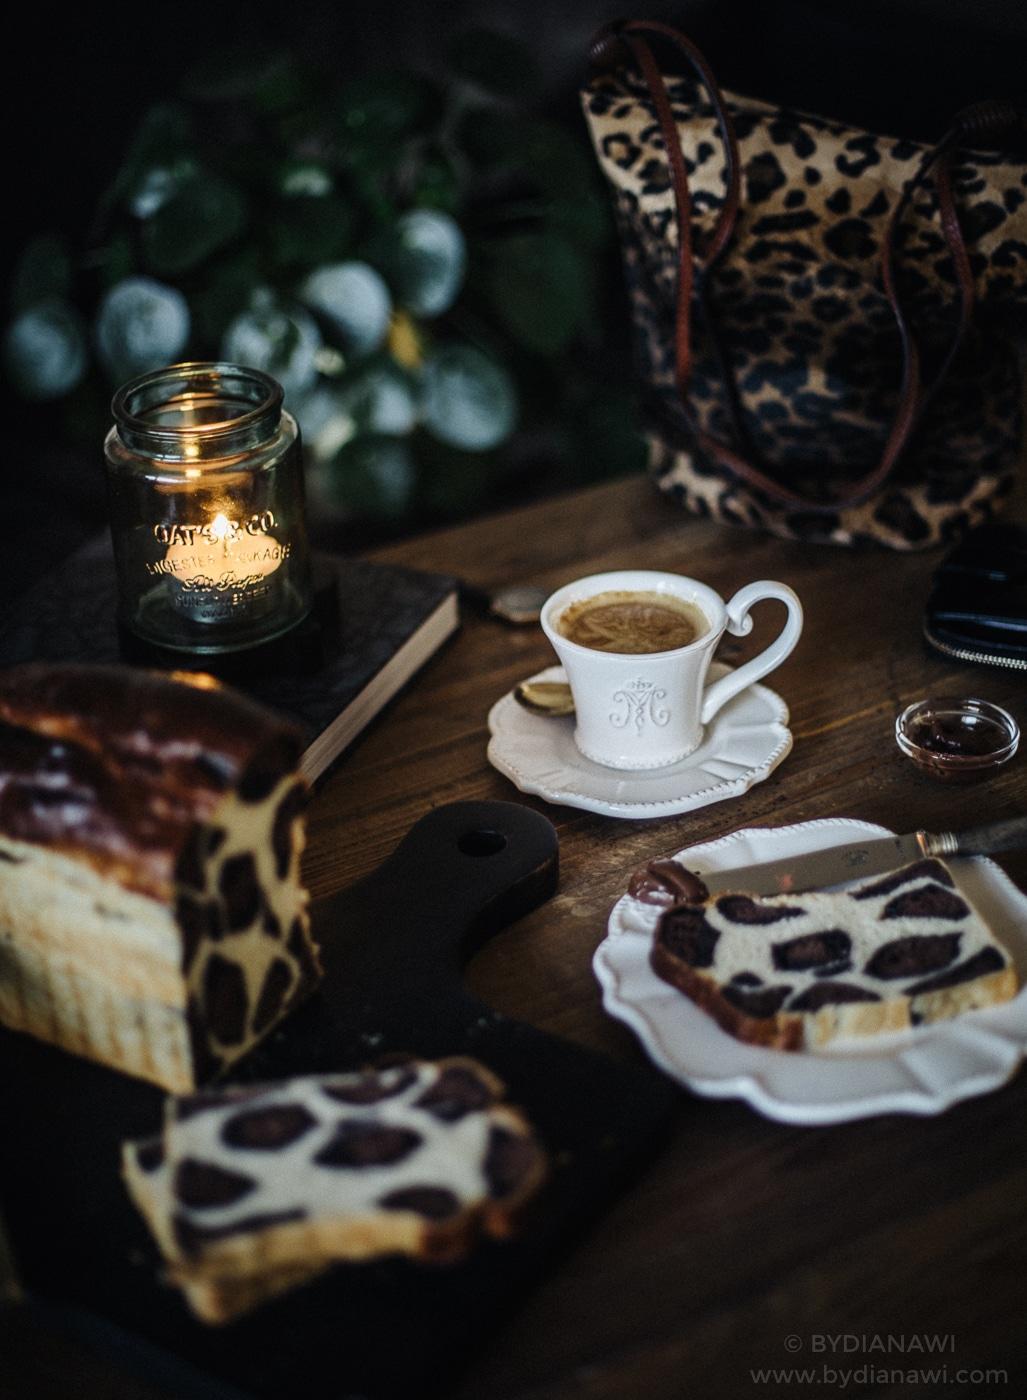 leopardbrød, brioche brød, franskbrød, leopard bread